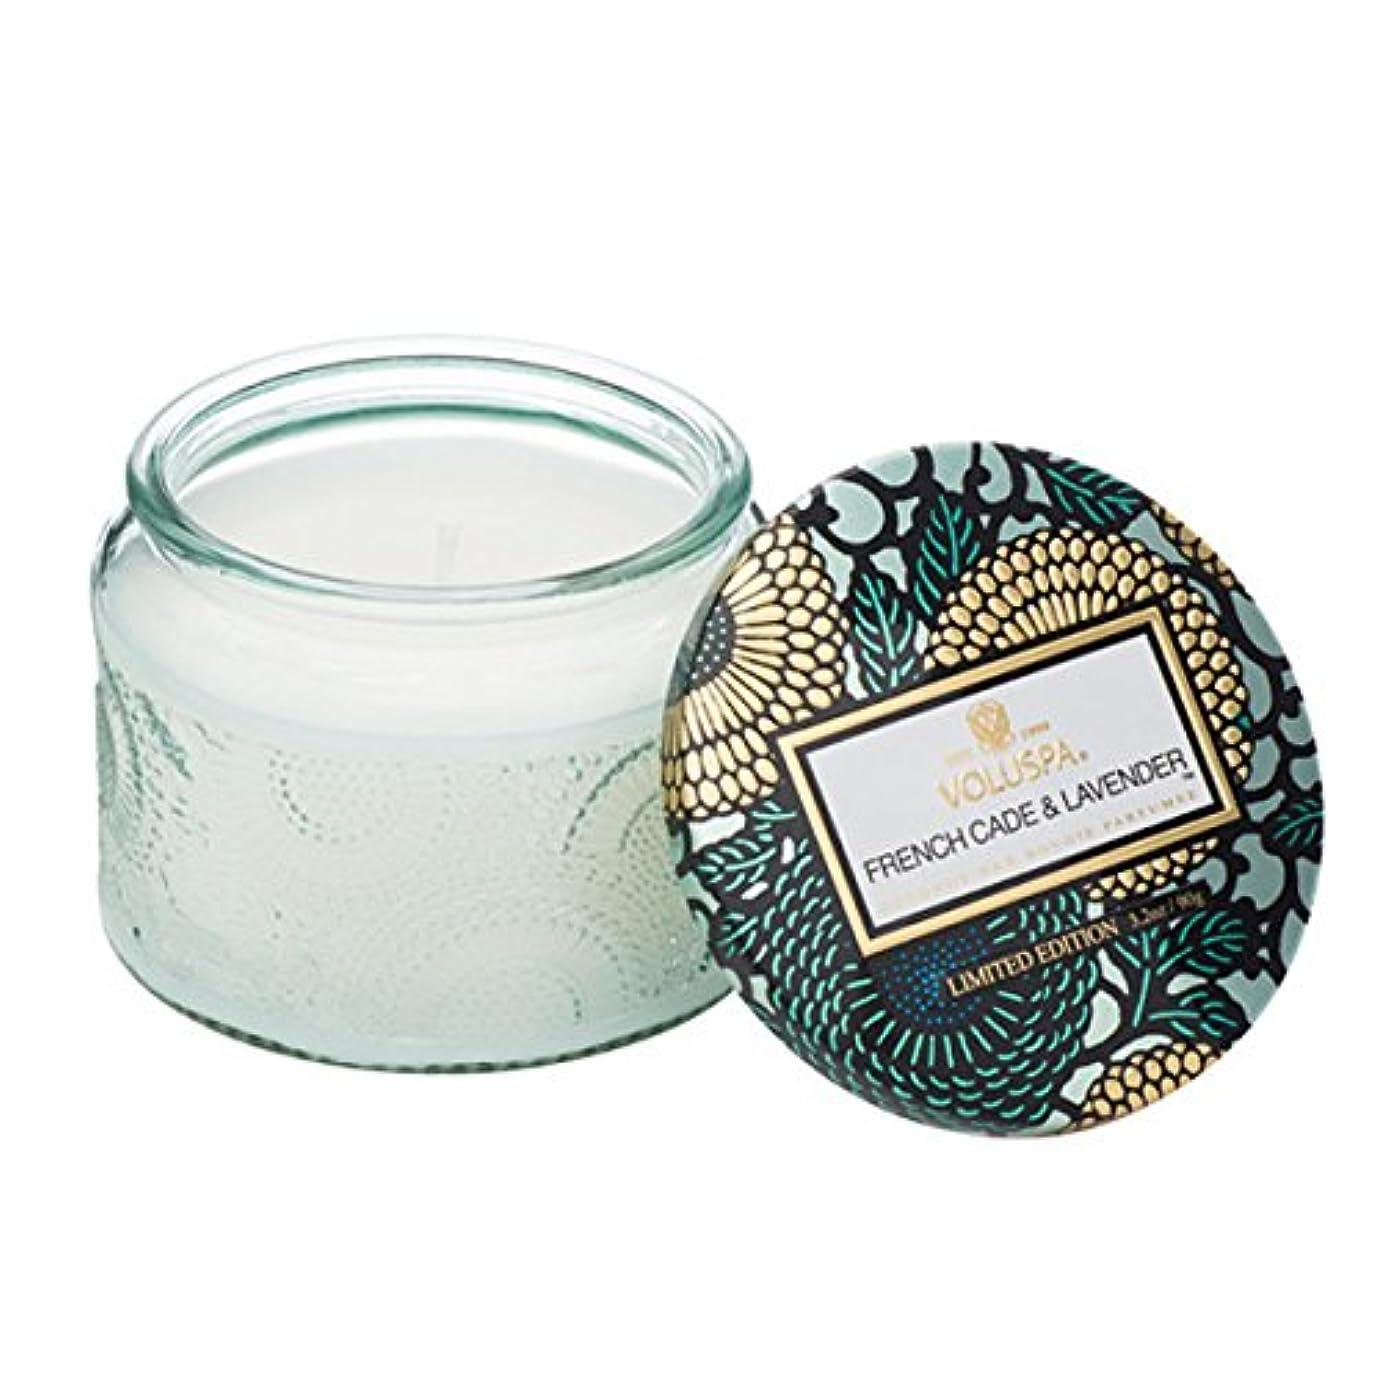 すりチロ静脈Voluspa ボルスパ ジャポニカ リミテッド グラスジャーキャンドル  S フレンチケード&ラベンダー FRENCH CADE LAVENDER  JAPONICA Limited PETITE EMBOSSED Glass jar candle